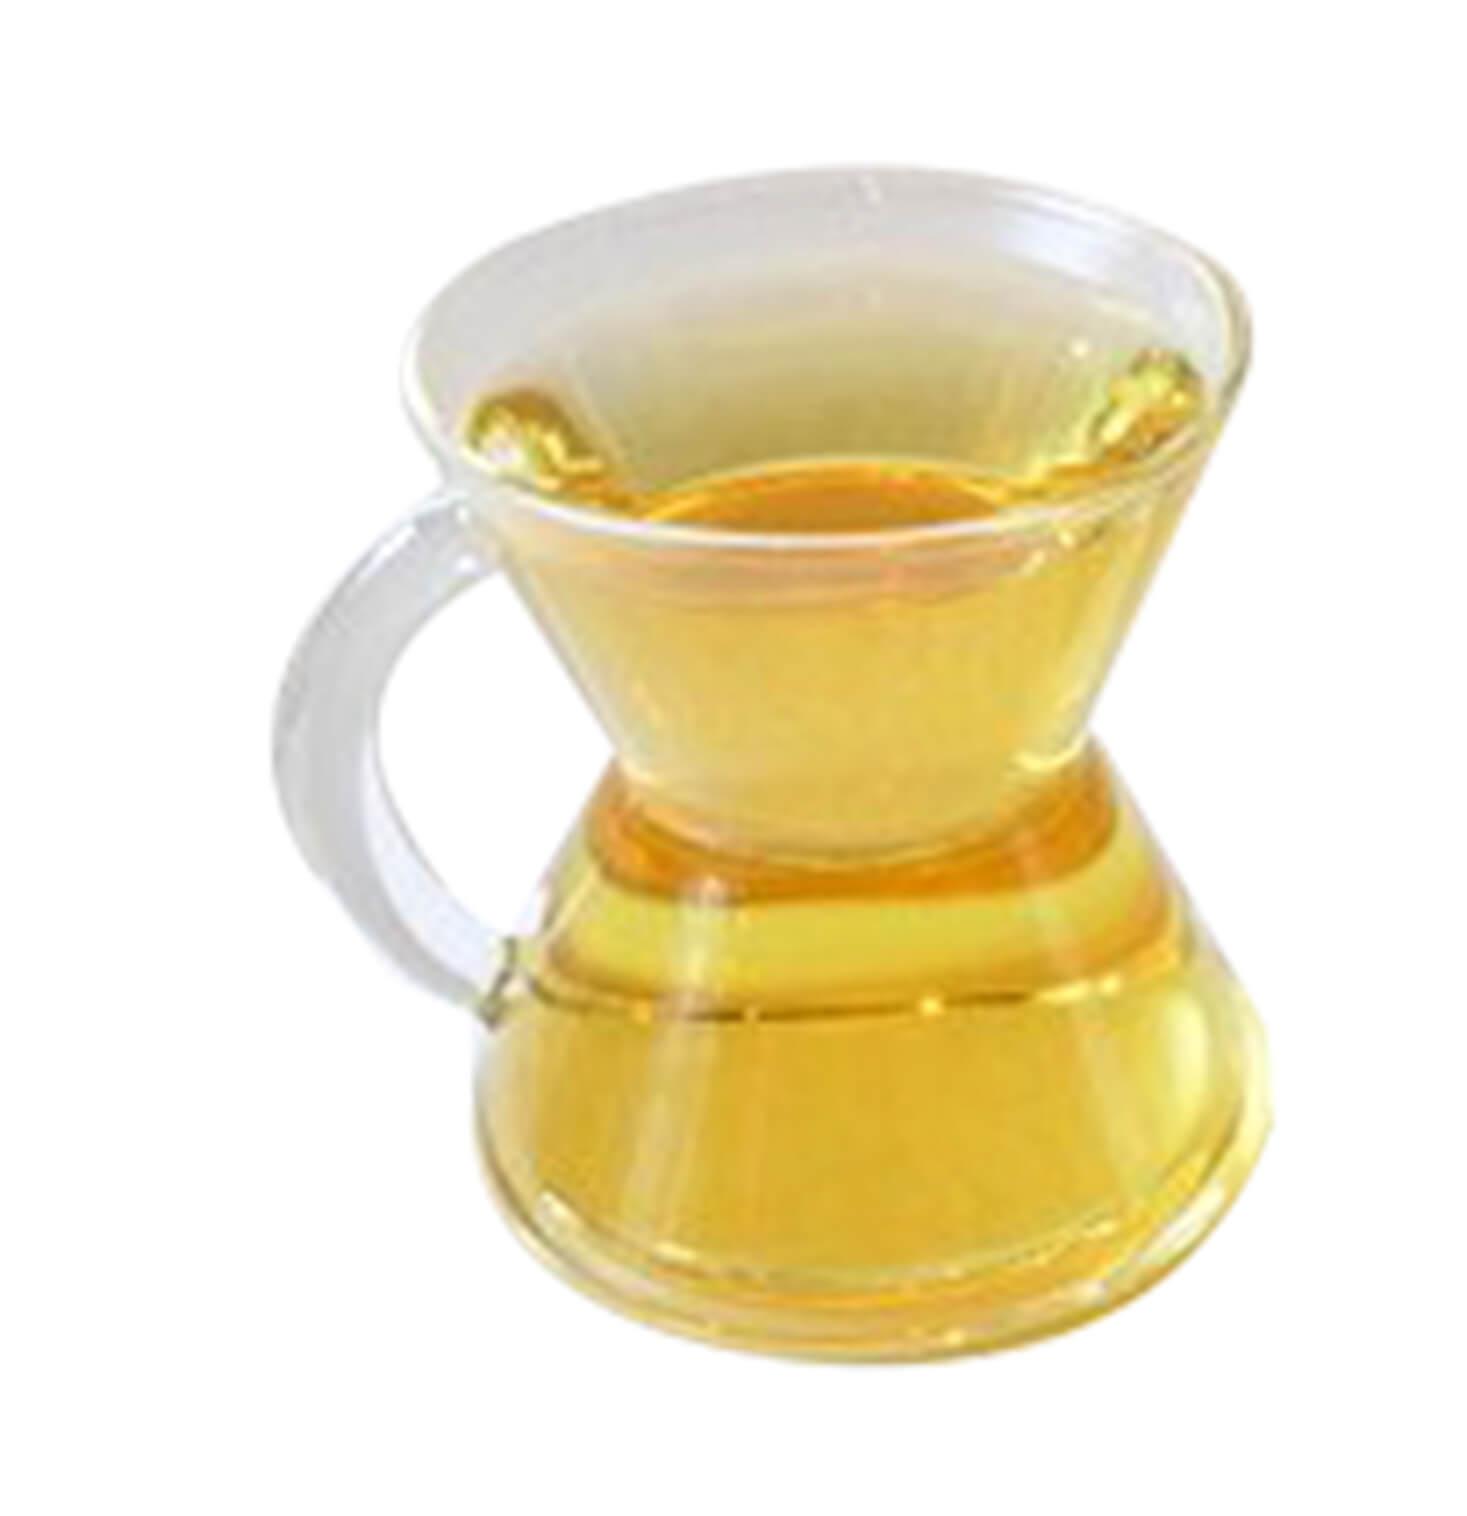 Handblown glass mug